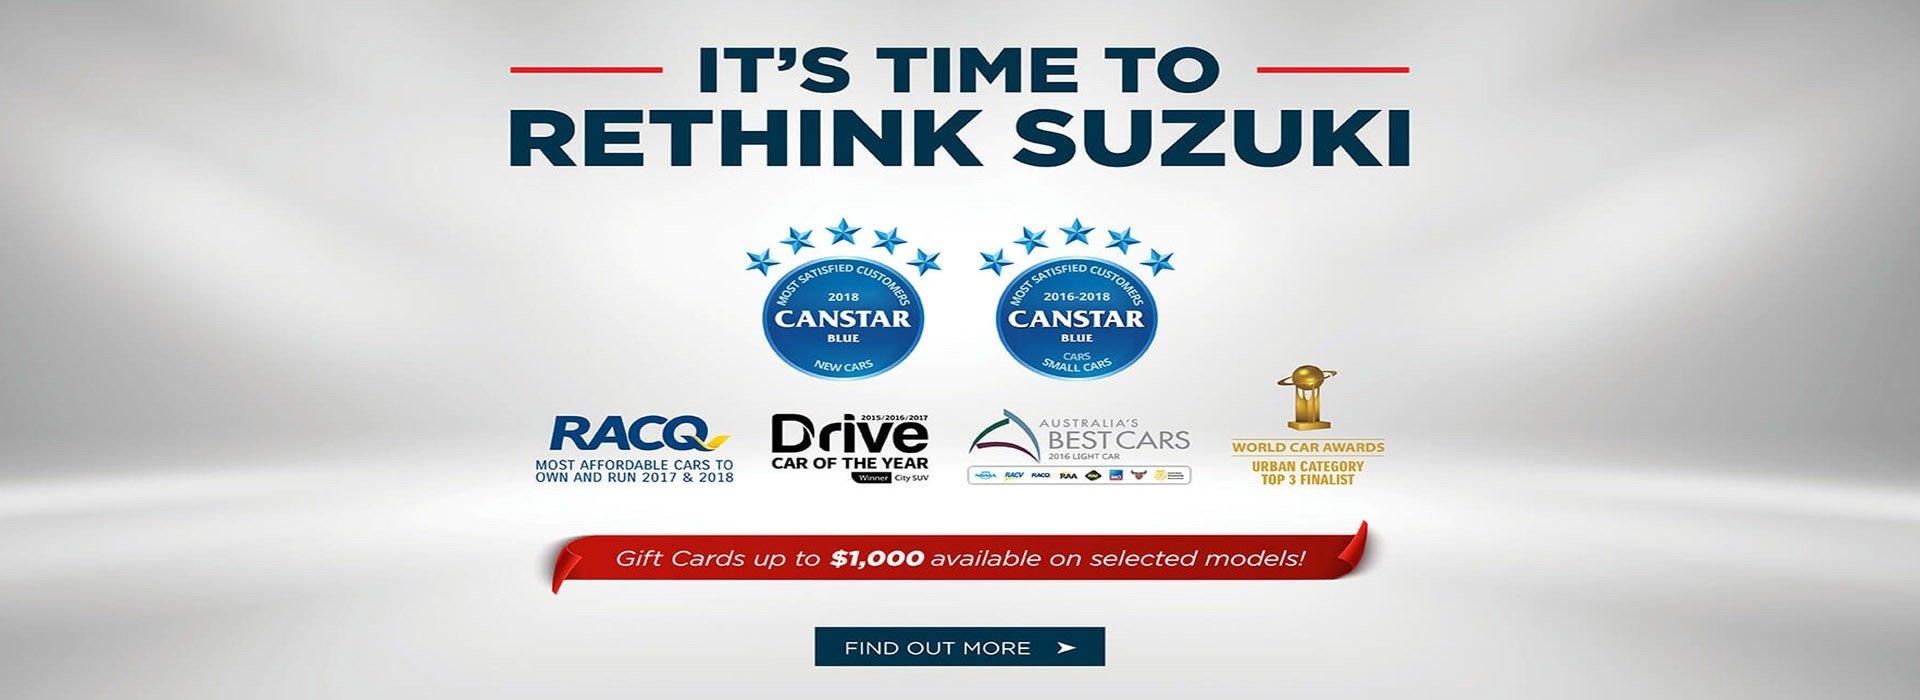 Rethink Suzuki